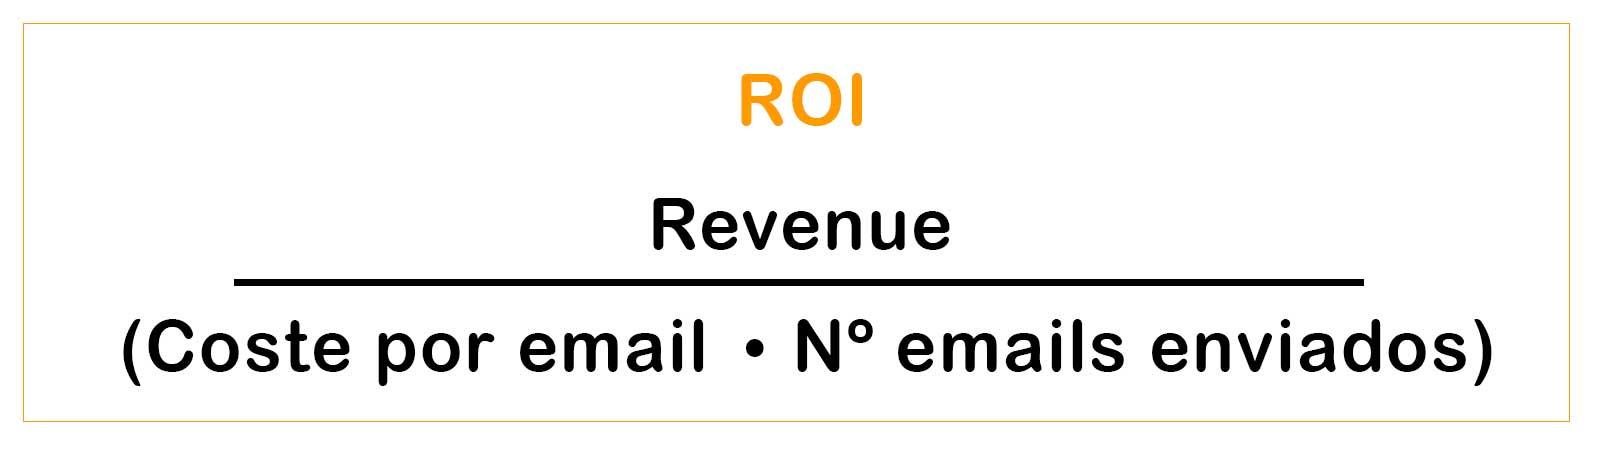 Calcular ROI en campañas de emailing